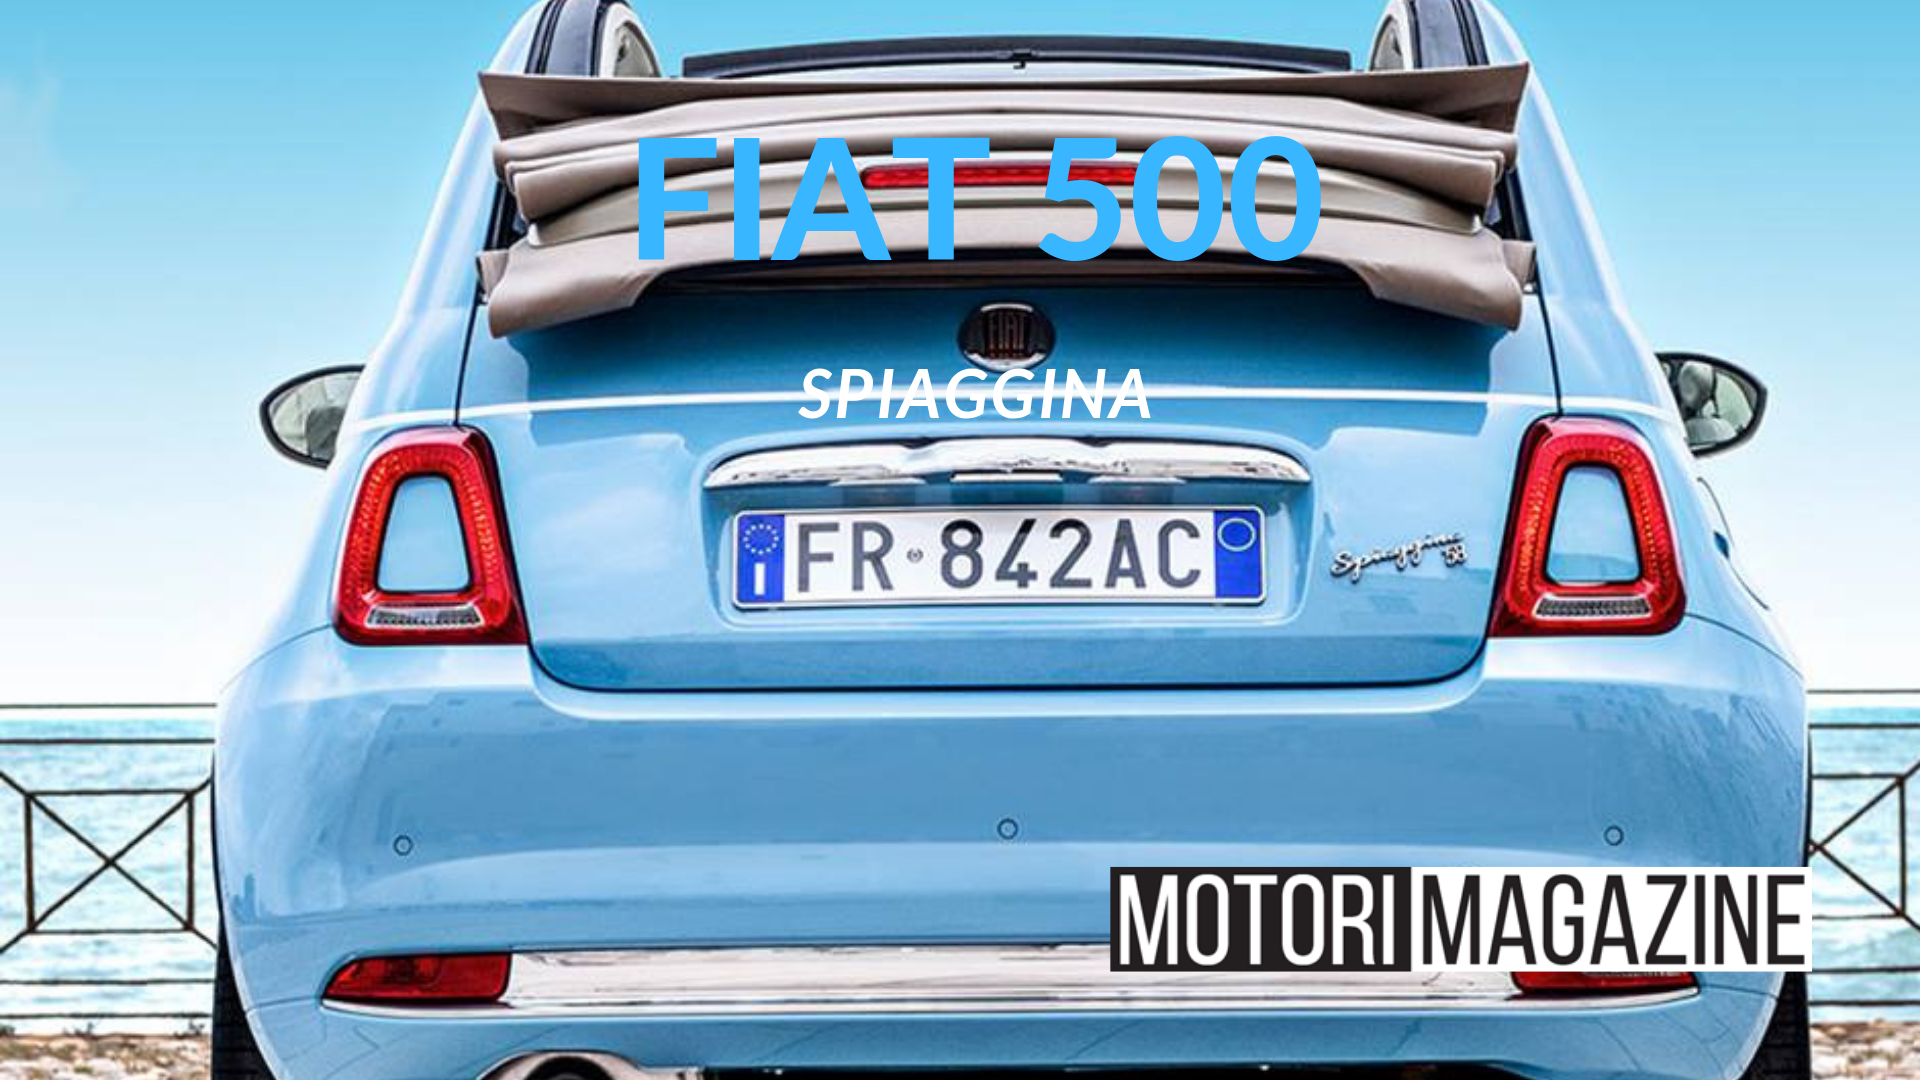 500 RivisitataMotori Magazine Fiat SpiagginaIcona RivisitataMotori SpiagginaIcona Fiat SpiagginaIcona Fiat 500 Magazine 500 qSpGLUzVM